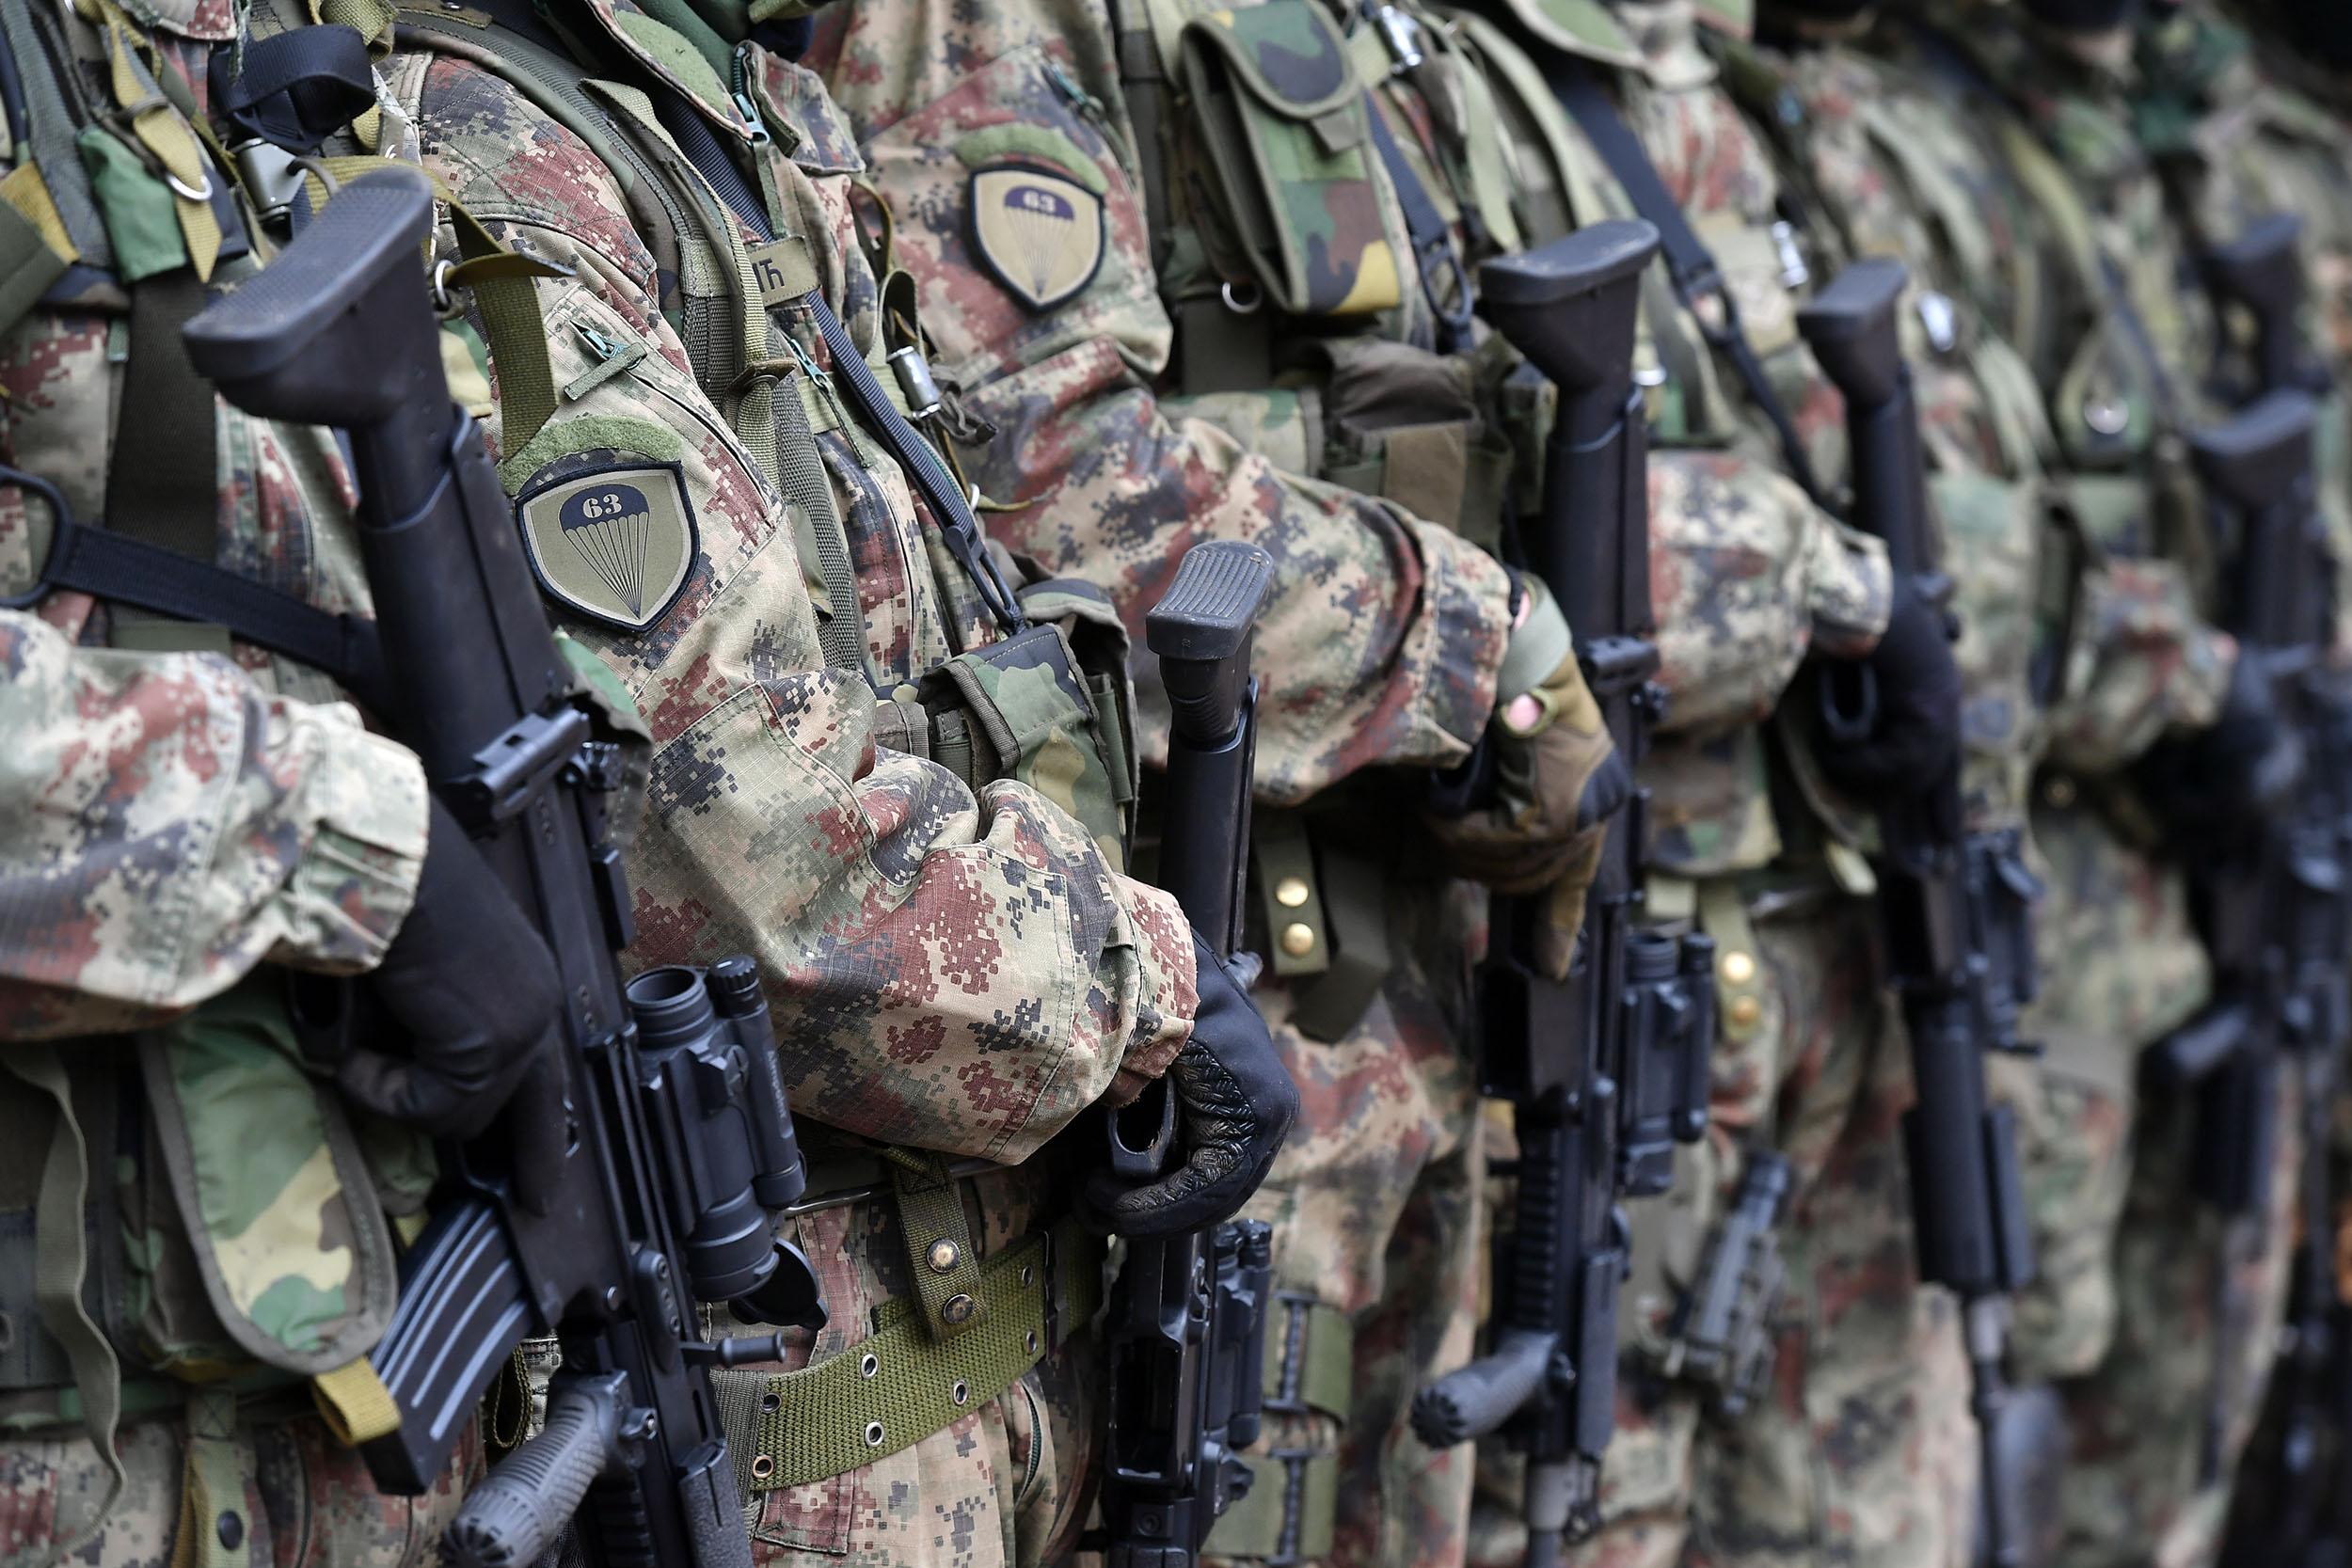 Припадници 63. падобранског батаљона приказали начин планирања и организацију сегмената обуке у зимским условима